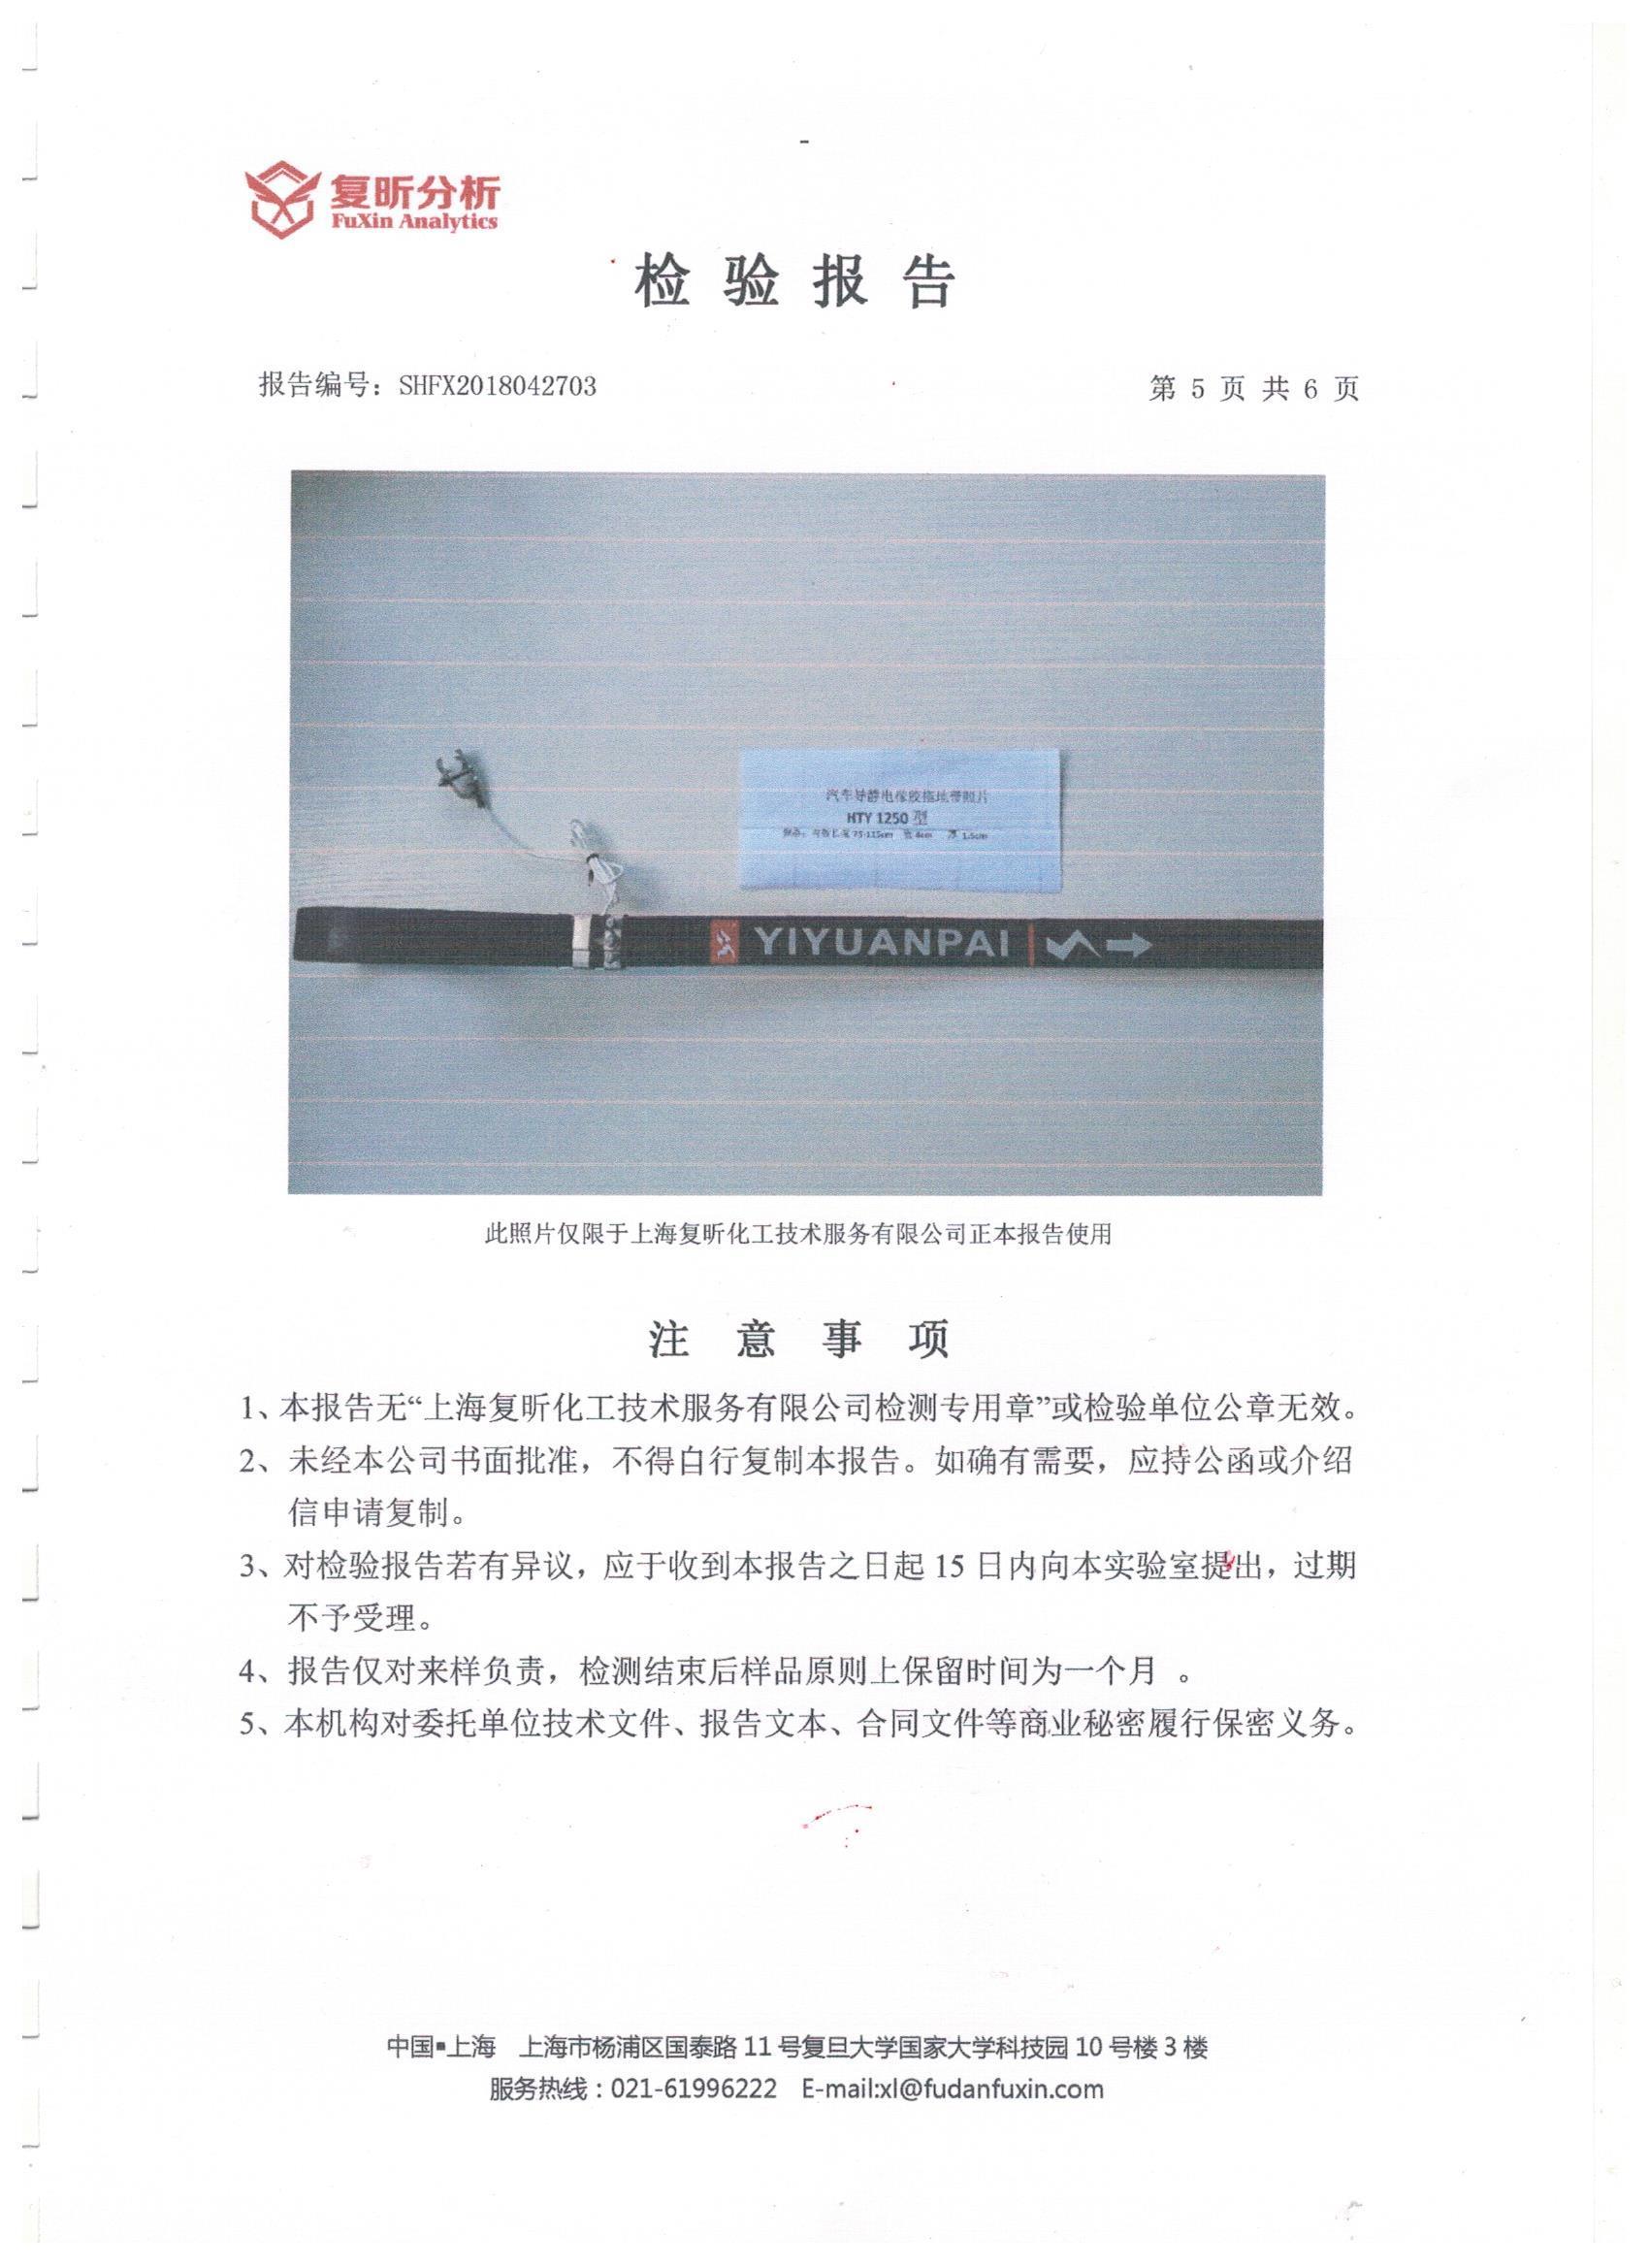 2018年HTY1250型静电拖地带检验报告